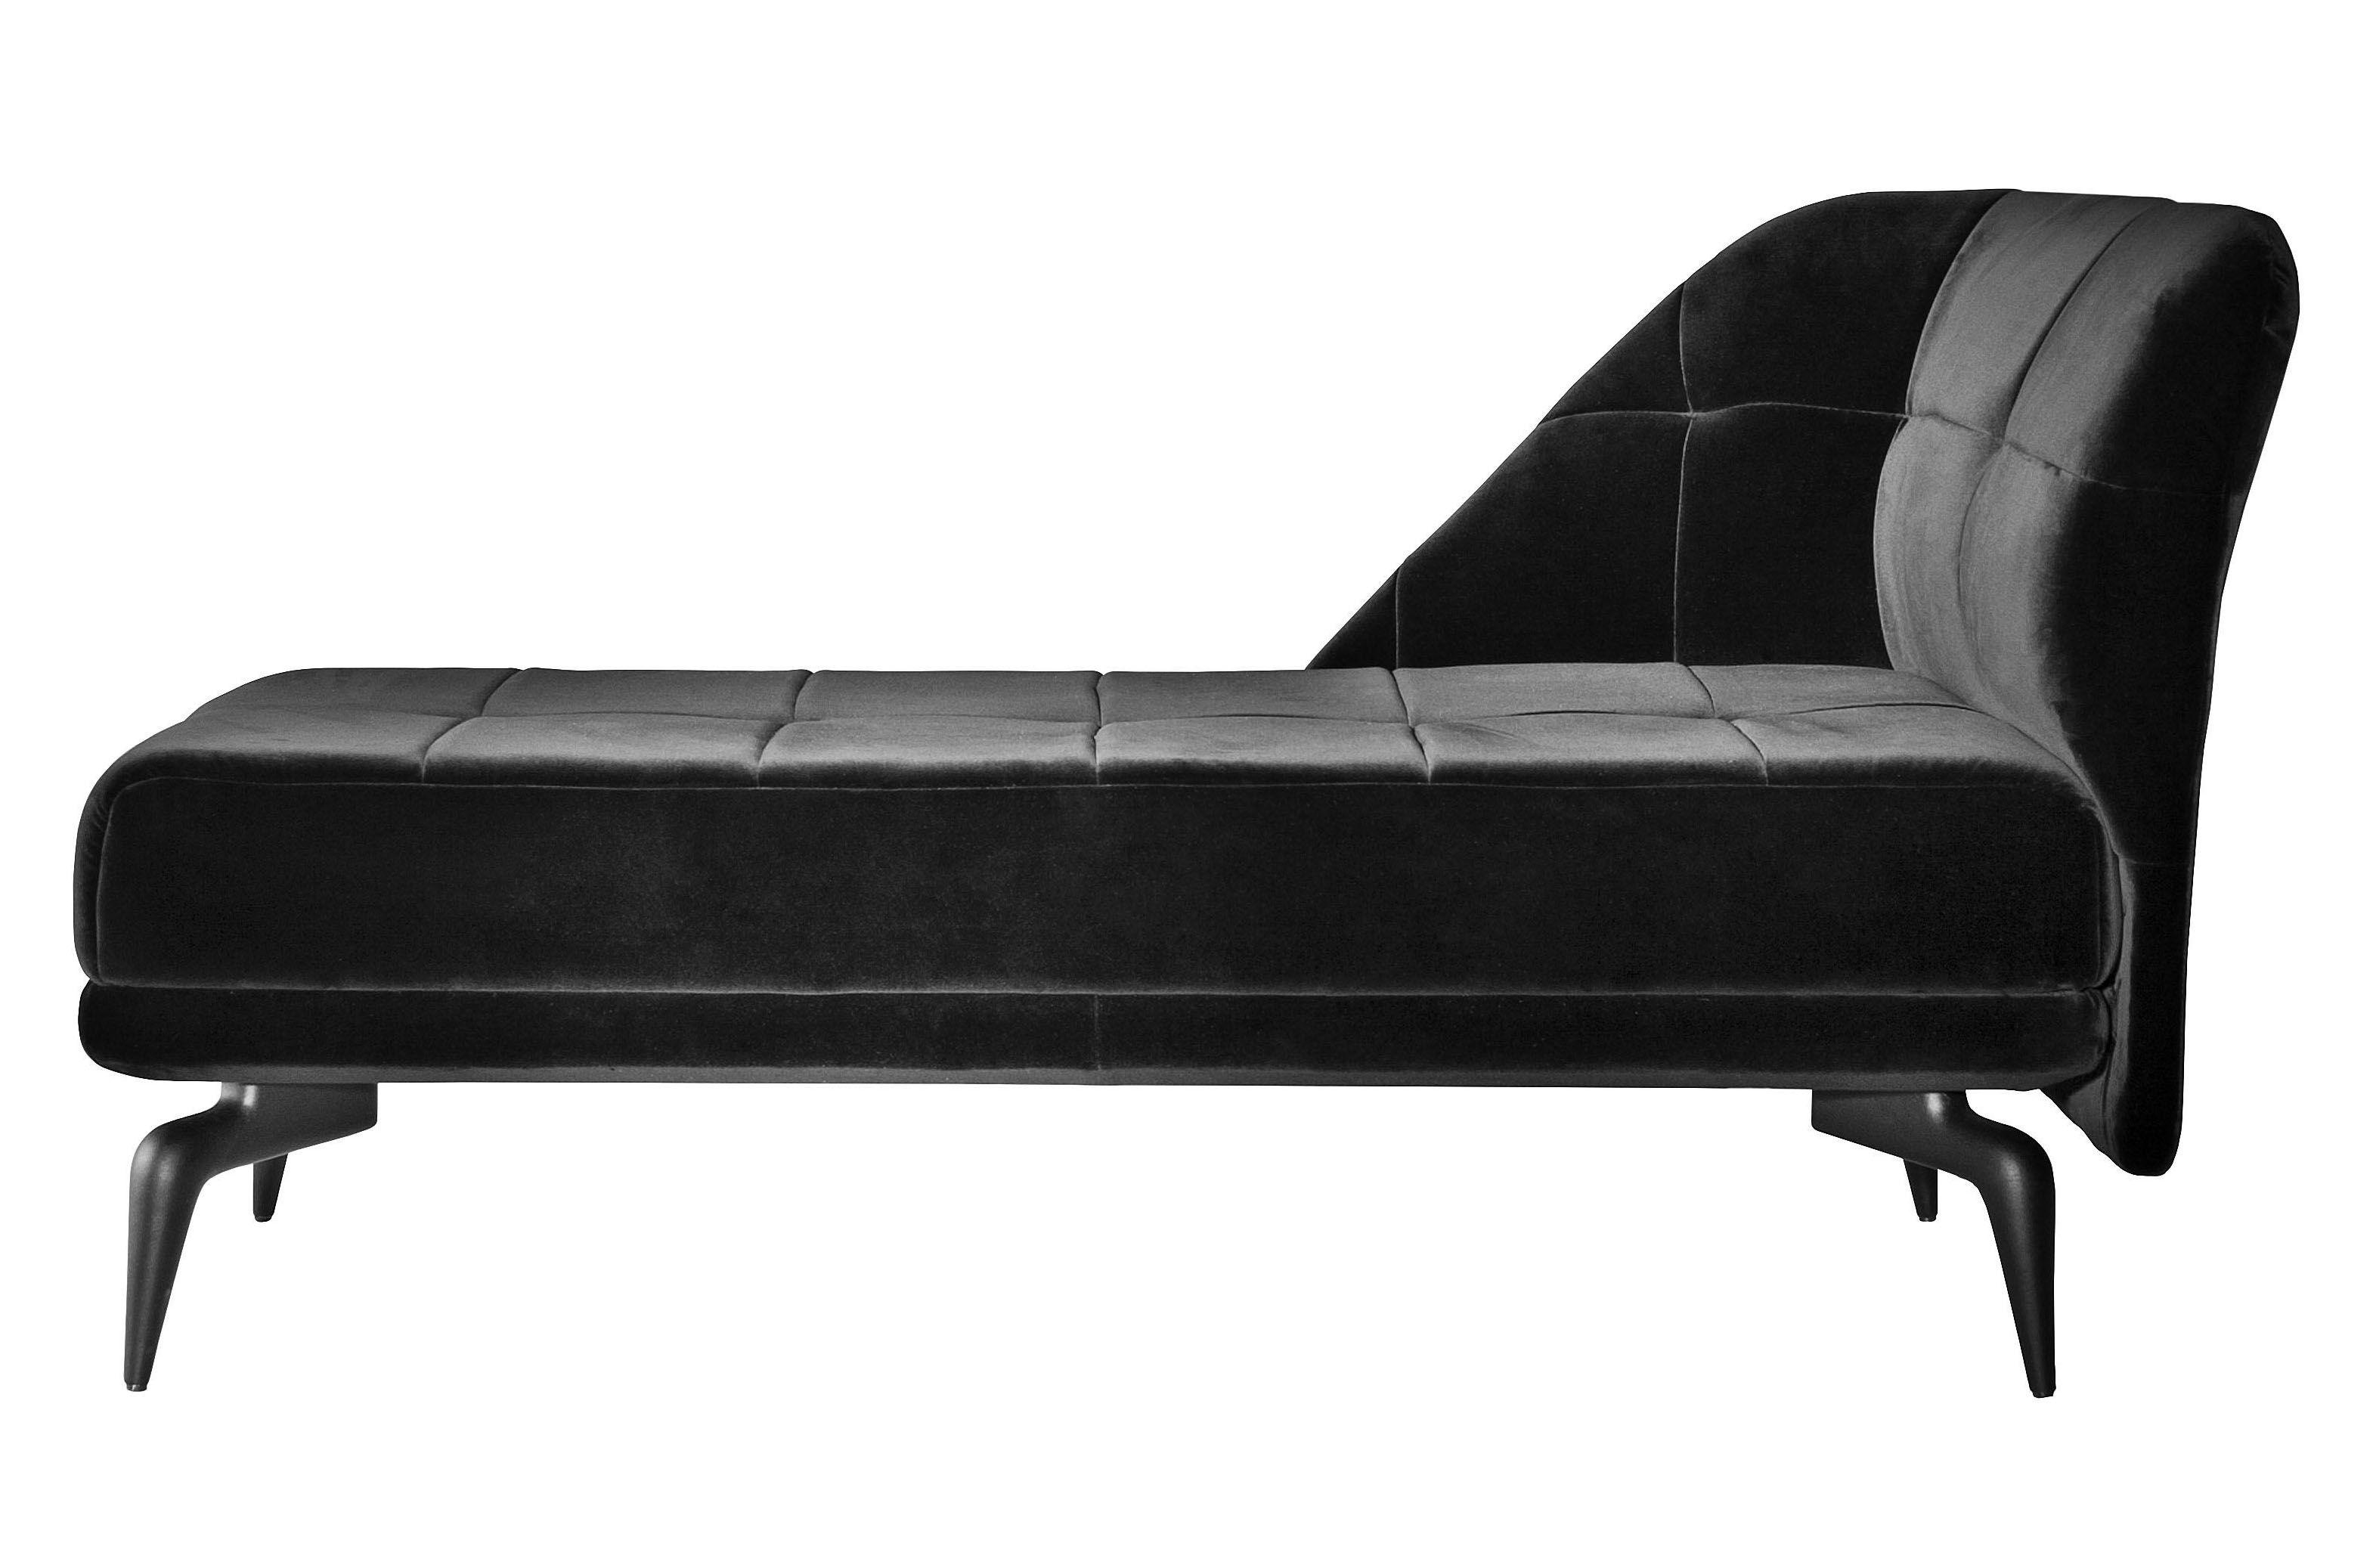 Furniture - Sofas - Leeon Sofa - Left armrest by Driade - Black velvet - Lacquered aluminium, Velvet